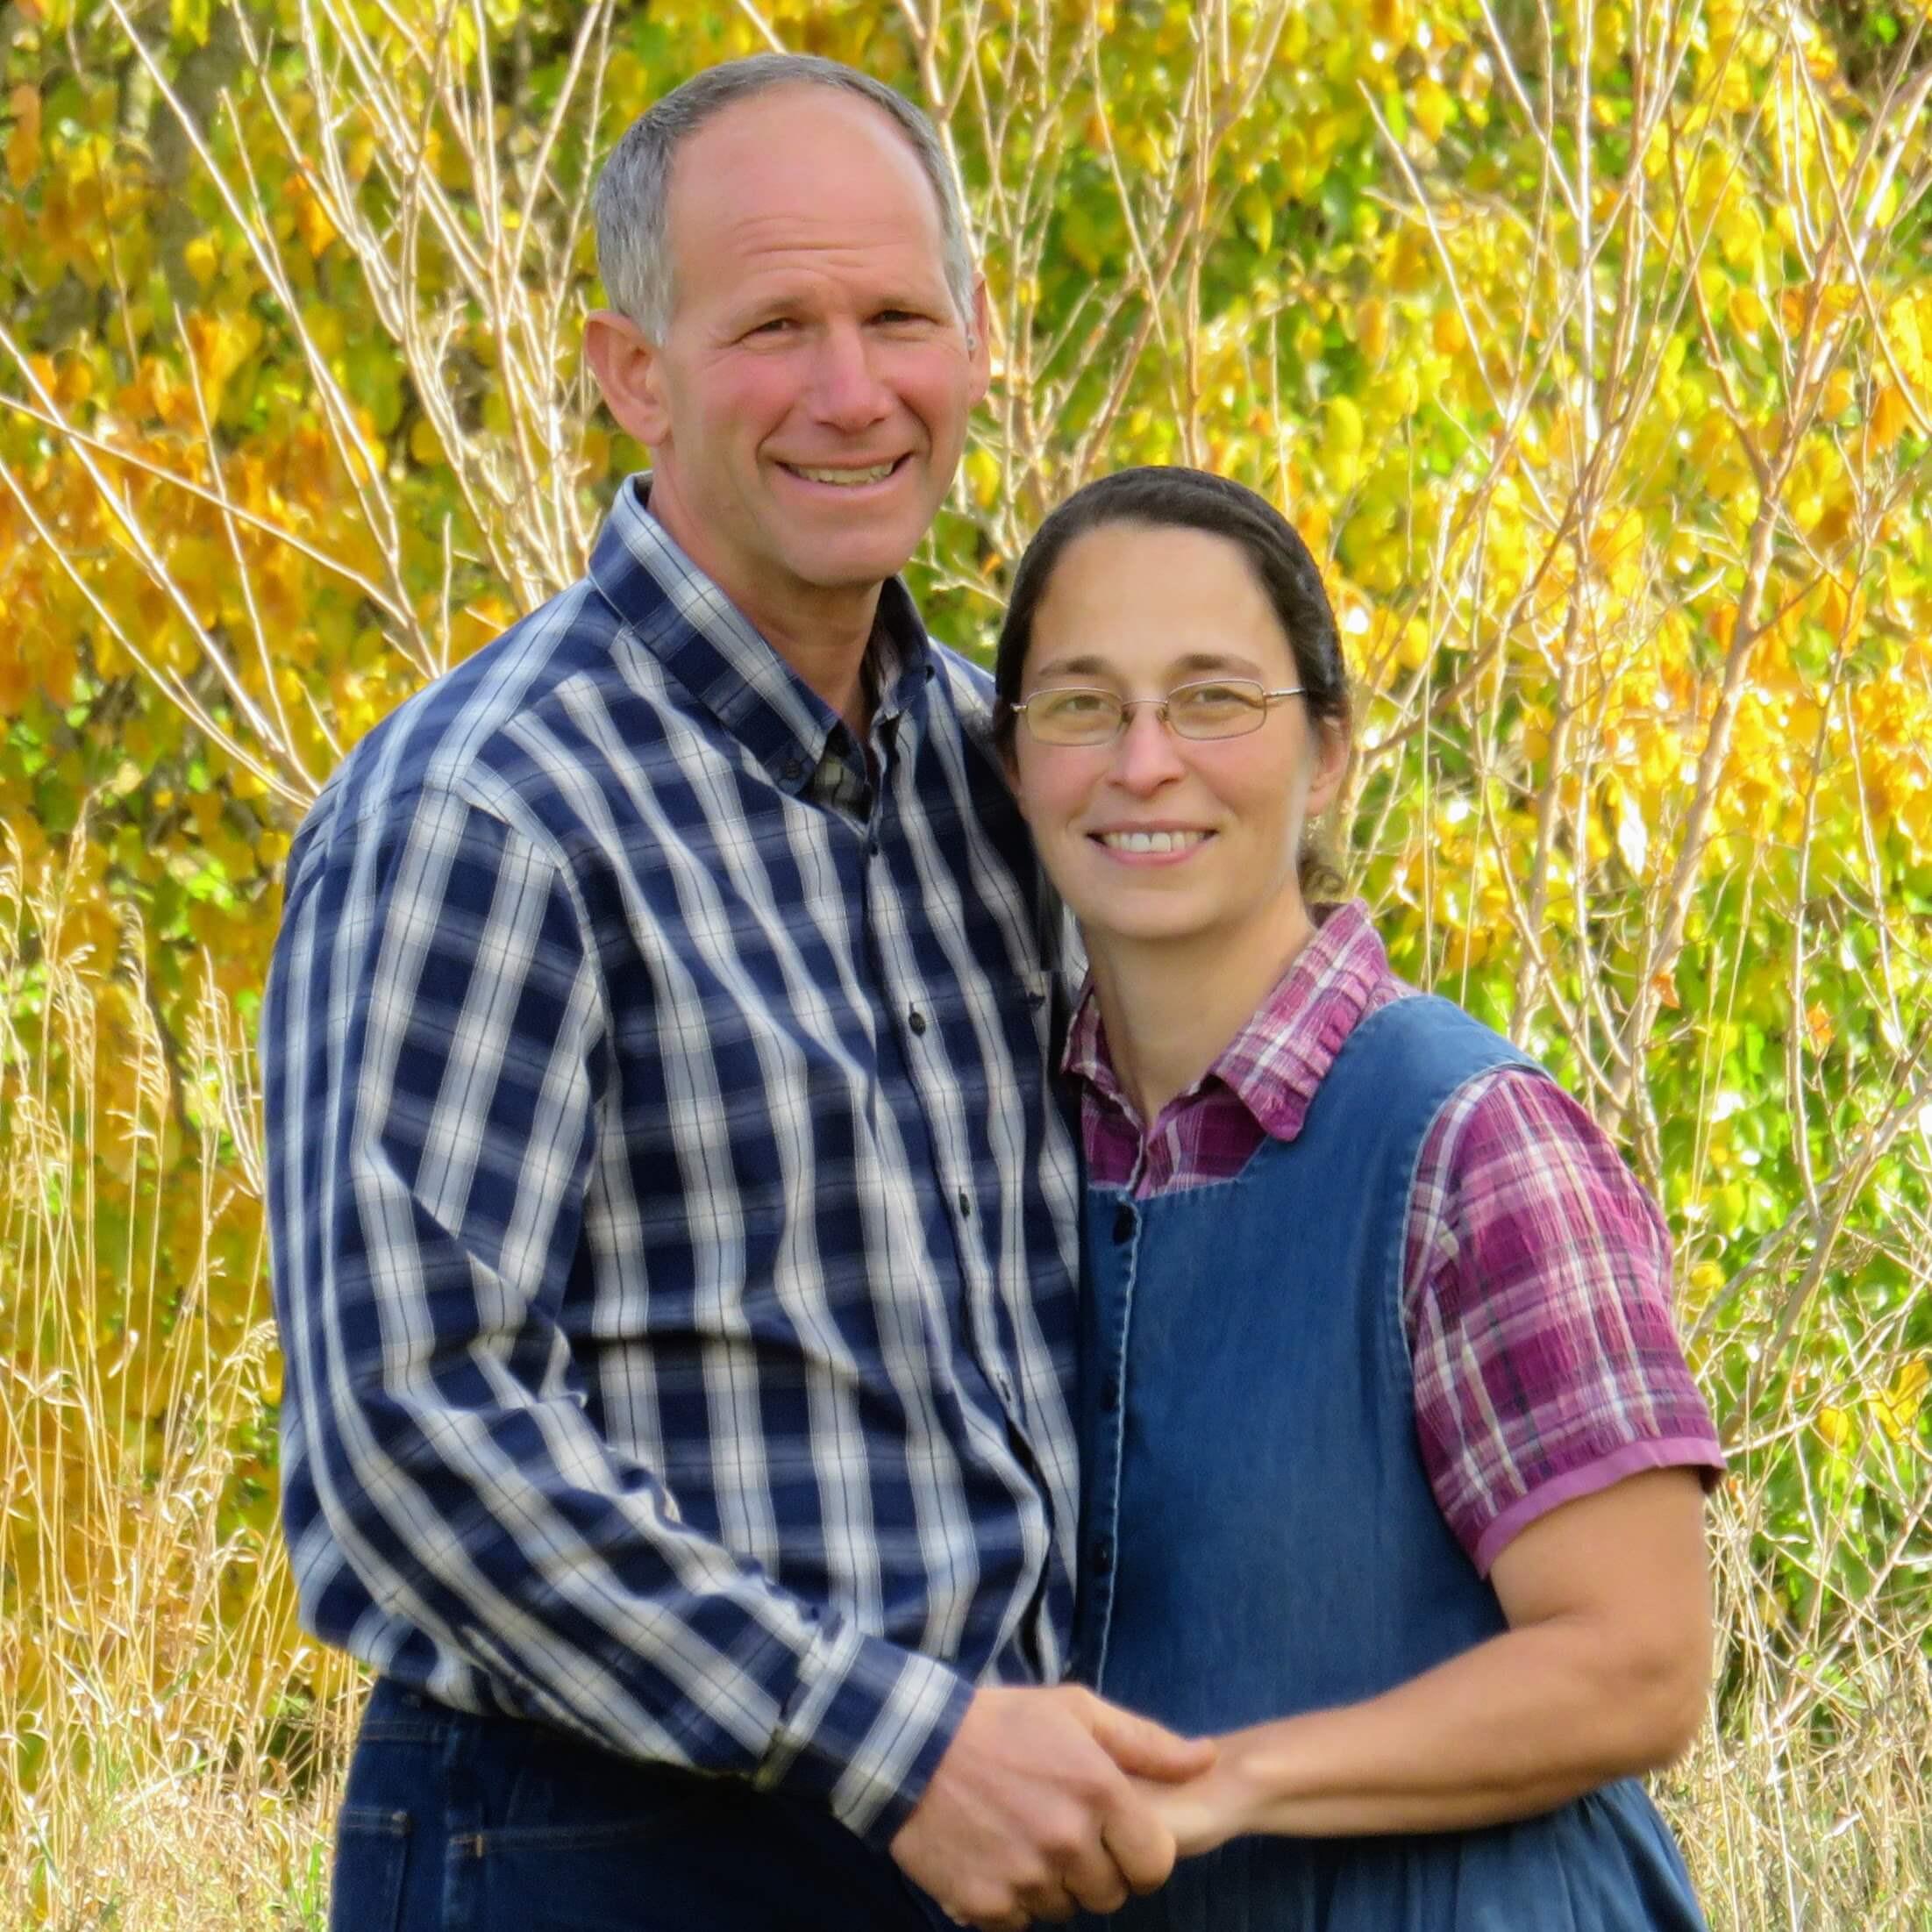 Todd & Valerie Steiner